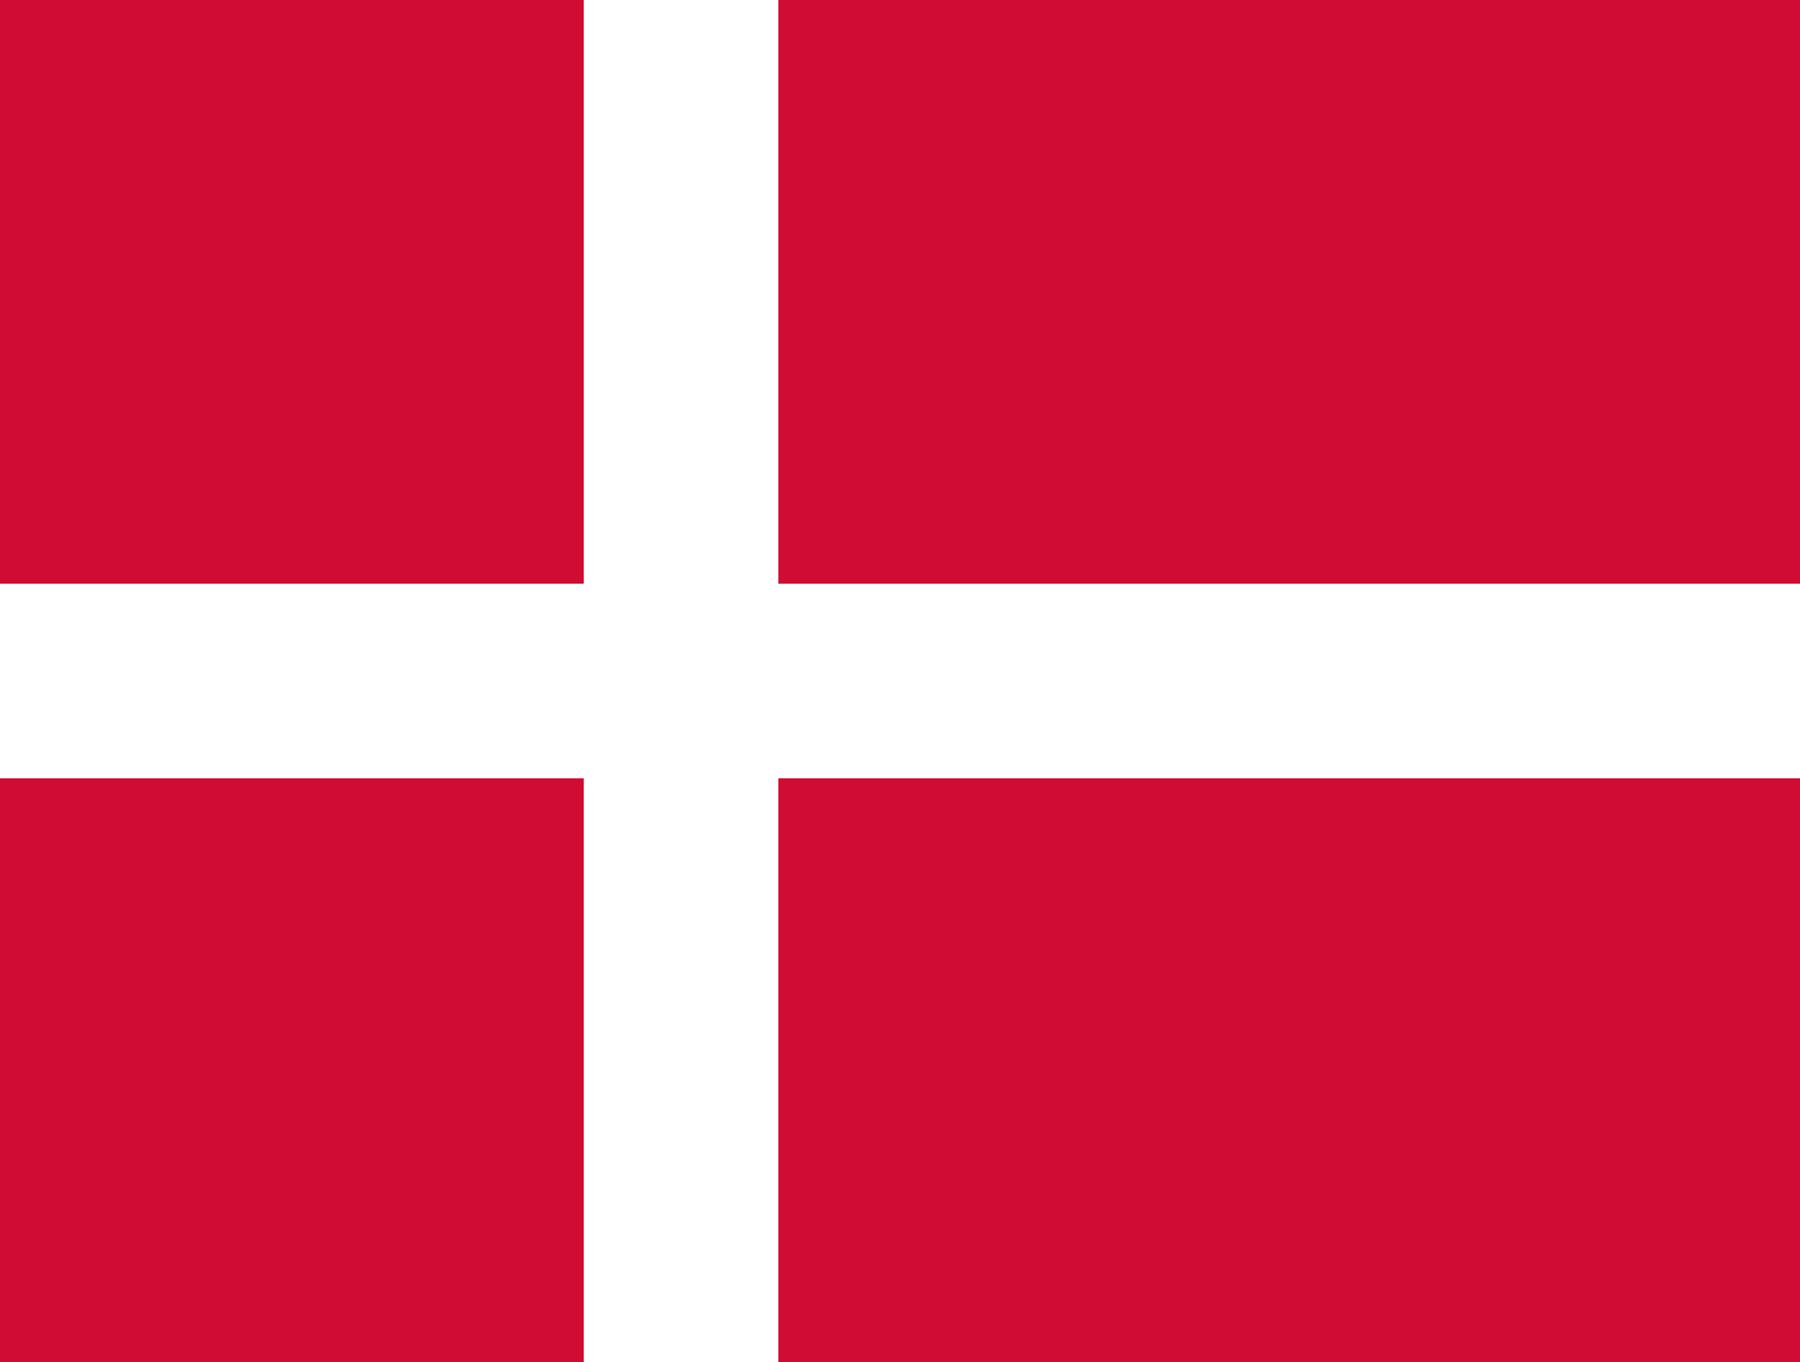 Гренландия присоединилась к Дании